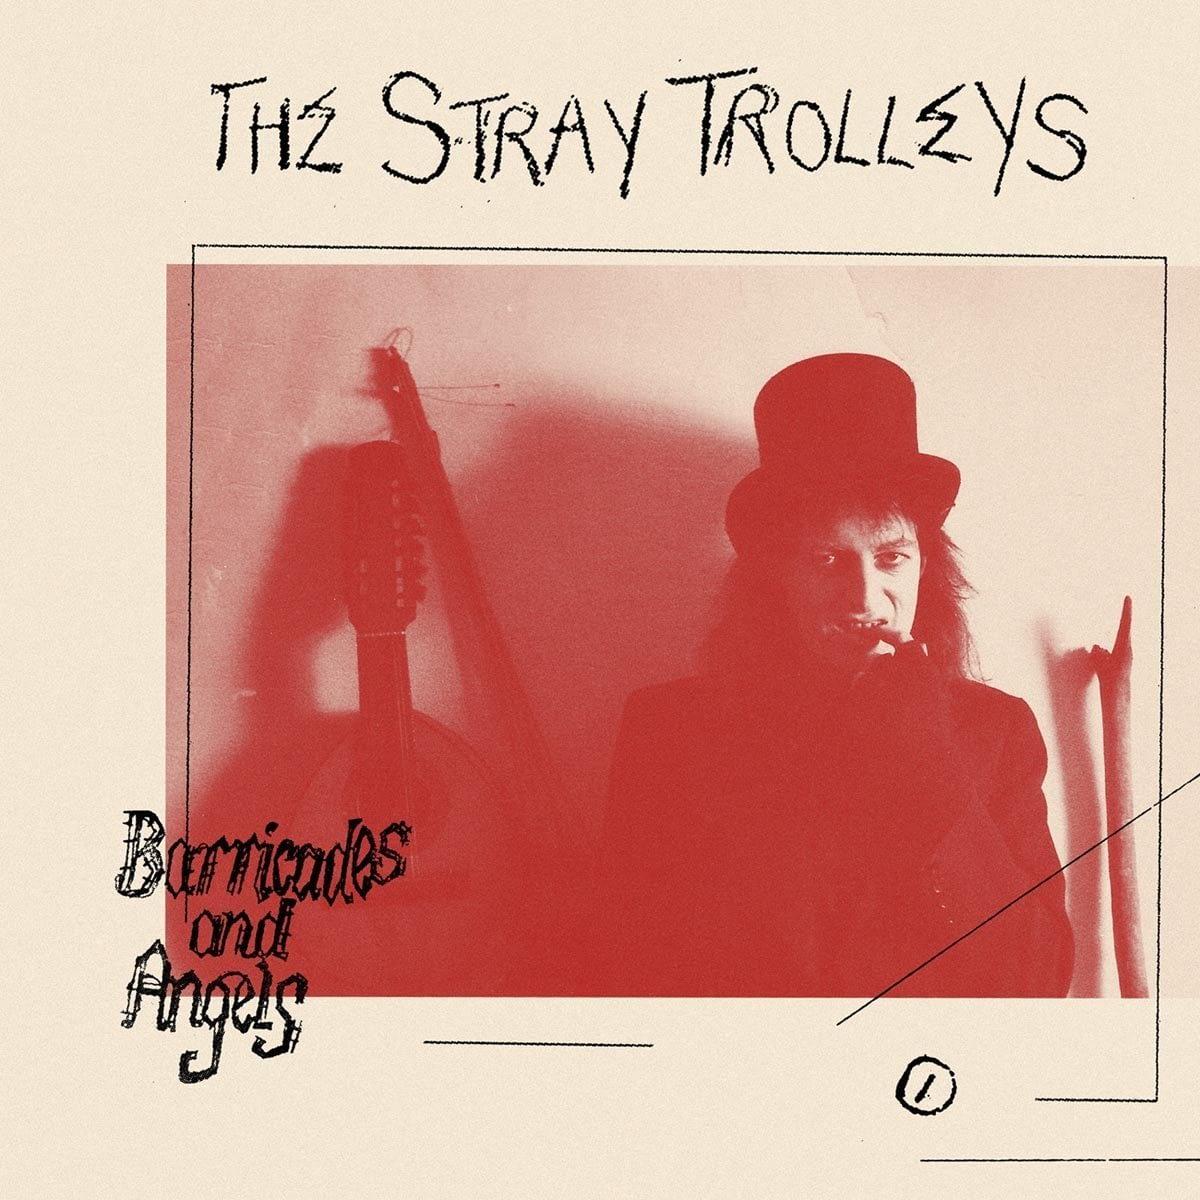 Captured Tracks переиздали единственный альбом британских глэм-рок аутсайдеров The Stray Trolleys «Barricades and Angels» 1